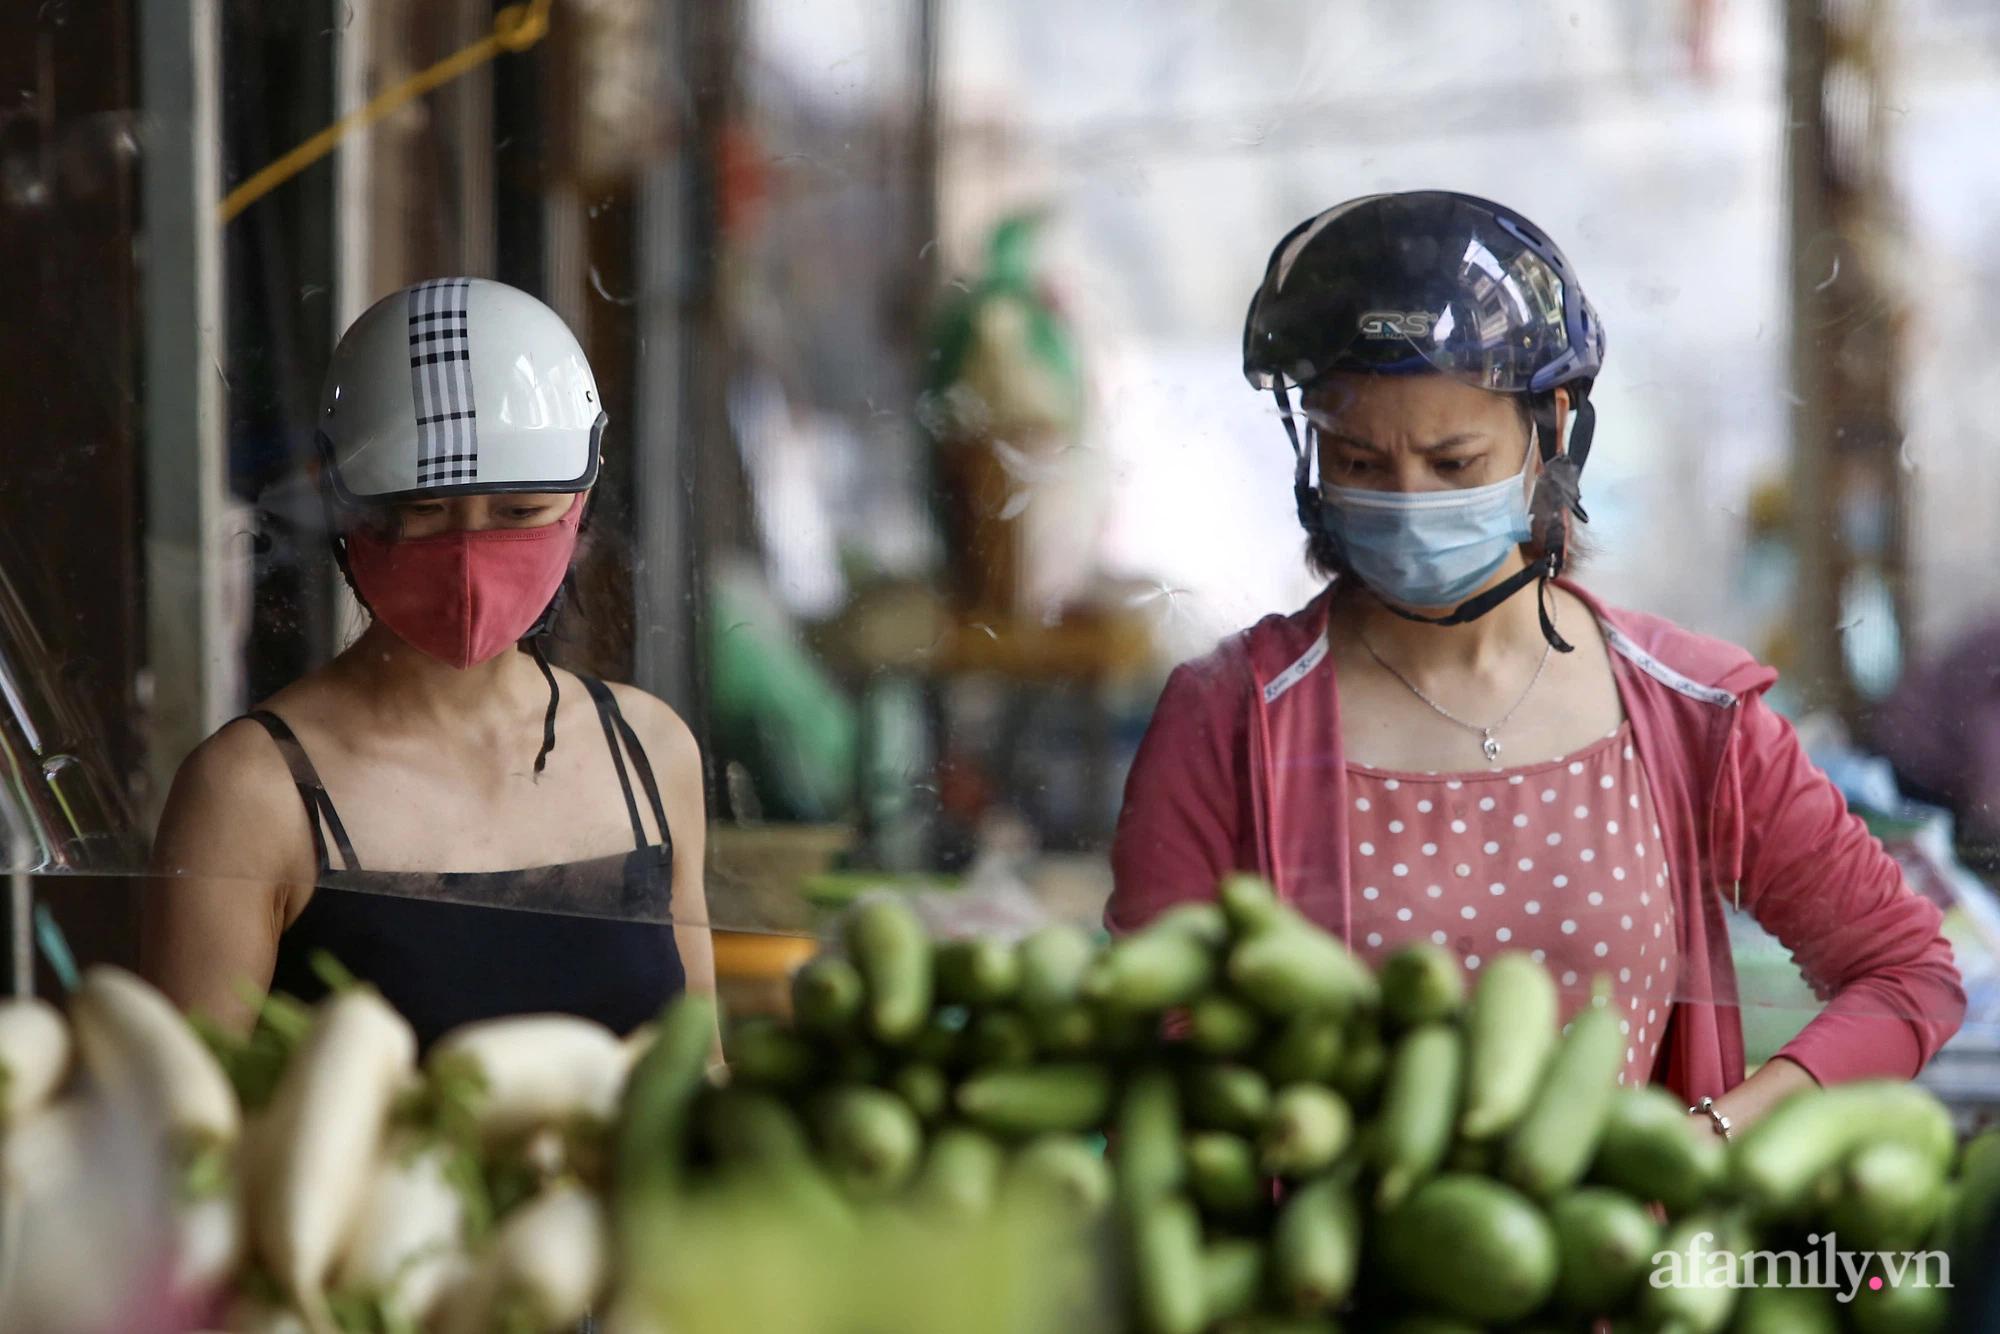 Ấn tượng với khu chợ dân sinh đầu tiên ở Hà Nội quây tấm nilon phòng dịch COVID-19, tiểu thương chia ca đứng bán theo ngày chẵn, lẻ - Ảnh 6.